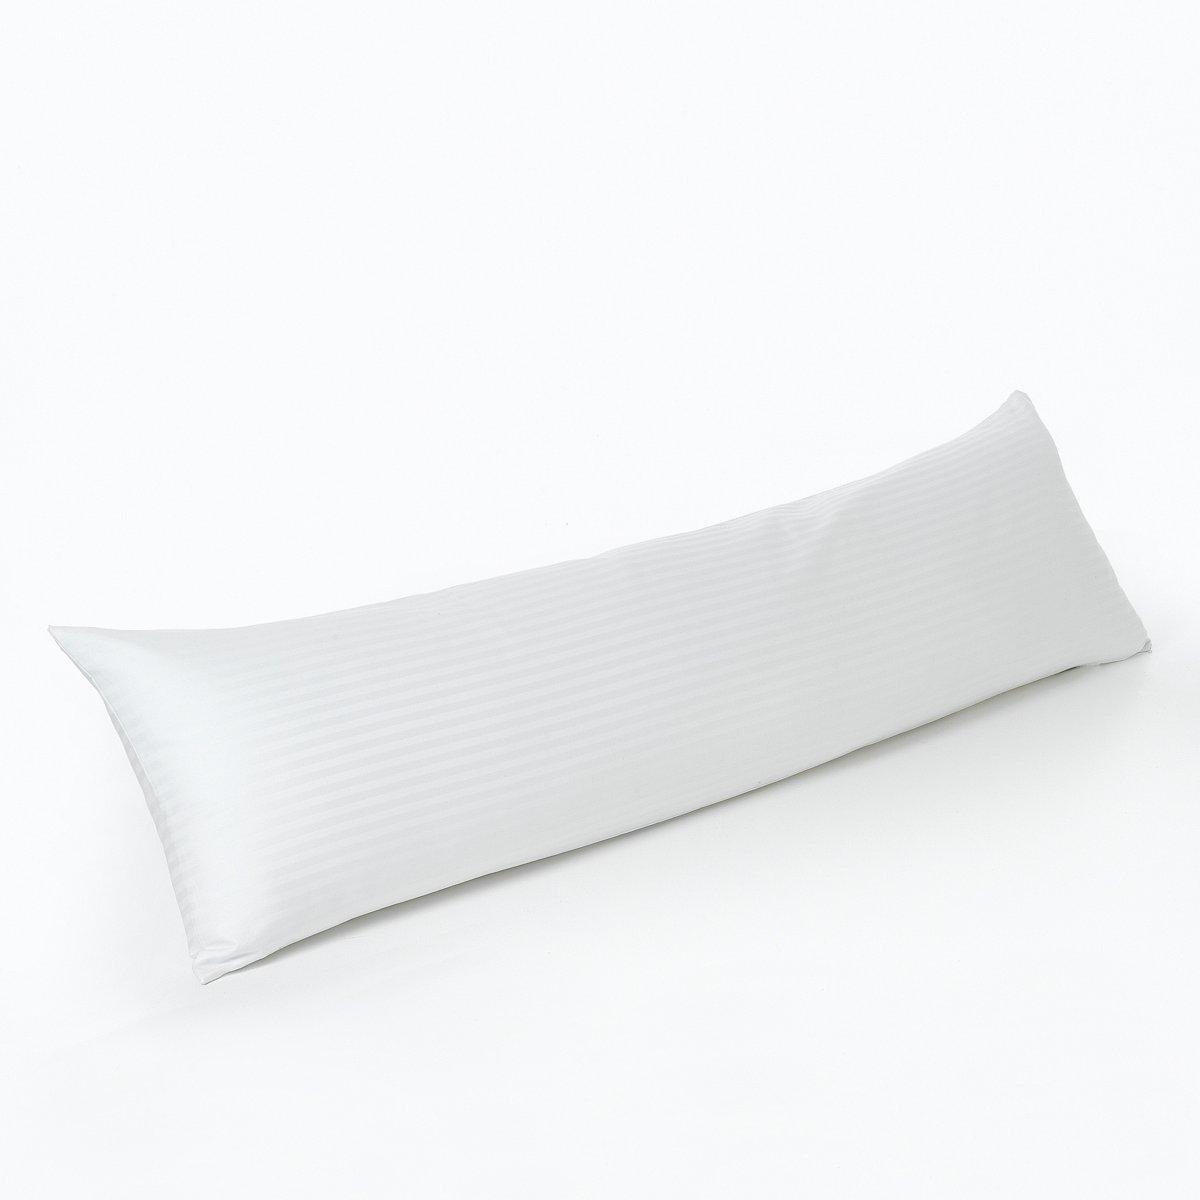 Подушка-валик плоская, StanПодушка-валик плоская с обработкой против клещей, Stan. Обработка против клещей и против пятен для вашего комфорта.    Комфорт: - Непревзойденный комфорт. Подходит тем, кто заботится о здоровье шейного отдела позвоночника.Наполнитель:- Наполнитель из полых силиконовых волокон, создающих максимальный объем, предотвращает накопление влаги: он облегчает циркуляцию воздуха, благодаря воздухопроницаемой структуре. - Обработка против клещей Proneem®, 100% натуральных активных компонентов.Чехол:- Двойной чехол с обработкой против пятен T?flon®.- Внешний чехол из 100% хлопка (с рисунком в полоску в тон). Внешний чехол легко снимать и стирать. - Внутренний чехол из поликоттона.Уход:- Стирать при 40°C. - Сушка при умеренной температуре. Размер: Длина 160 x диаметр 40 см.Производство: Франция.<br><br>Цвет: экрю